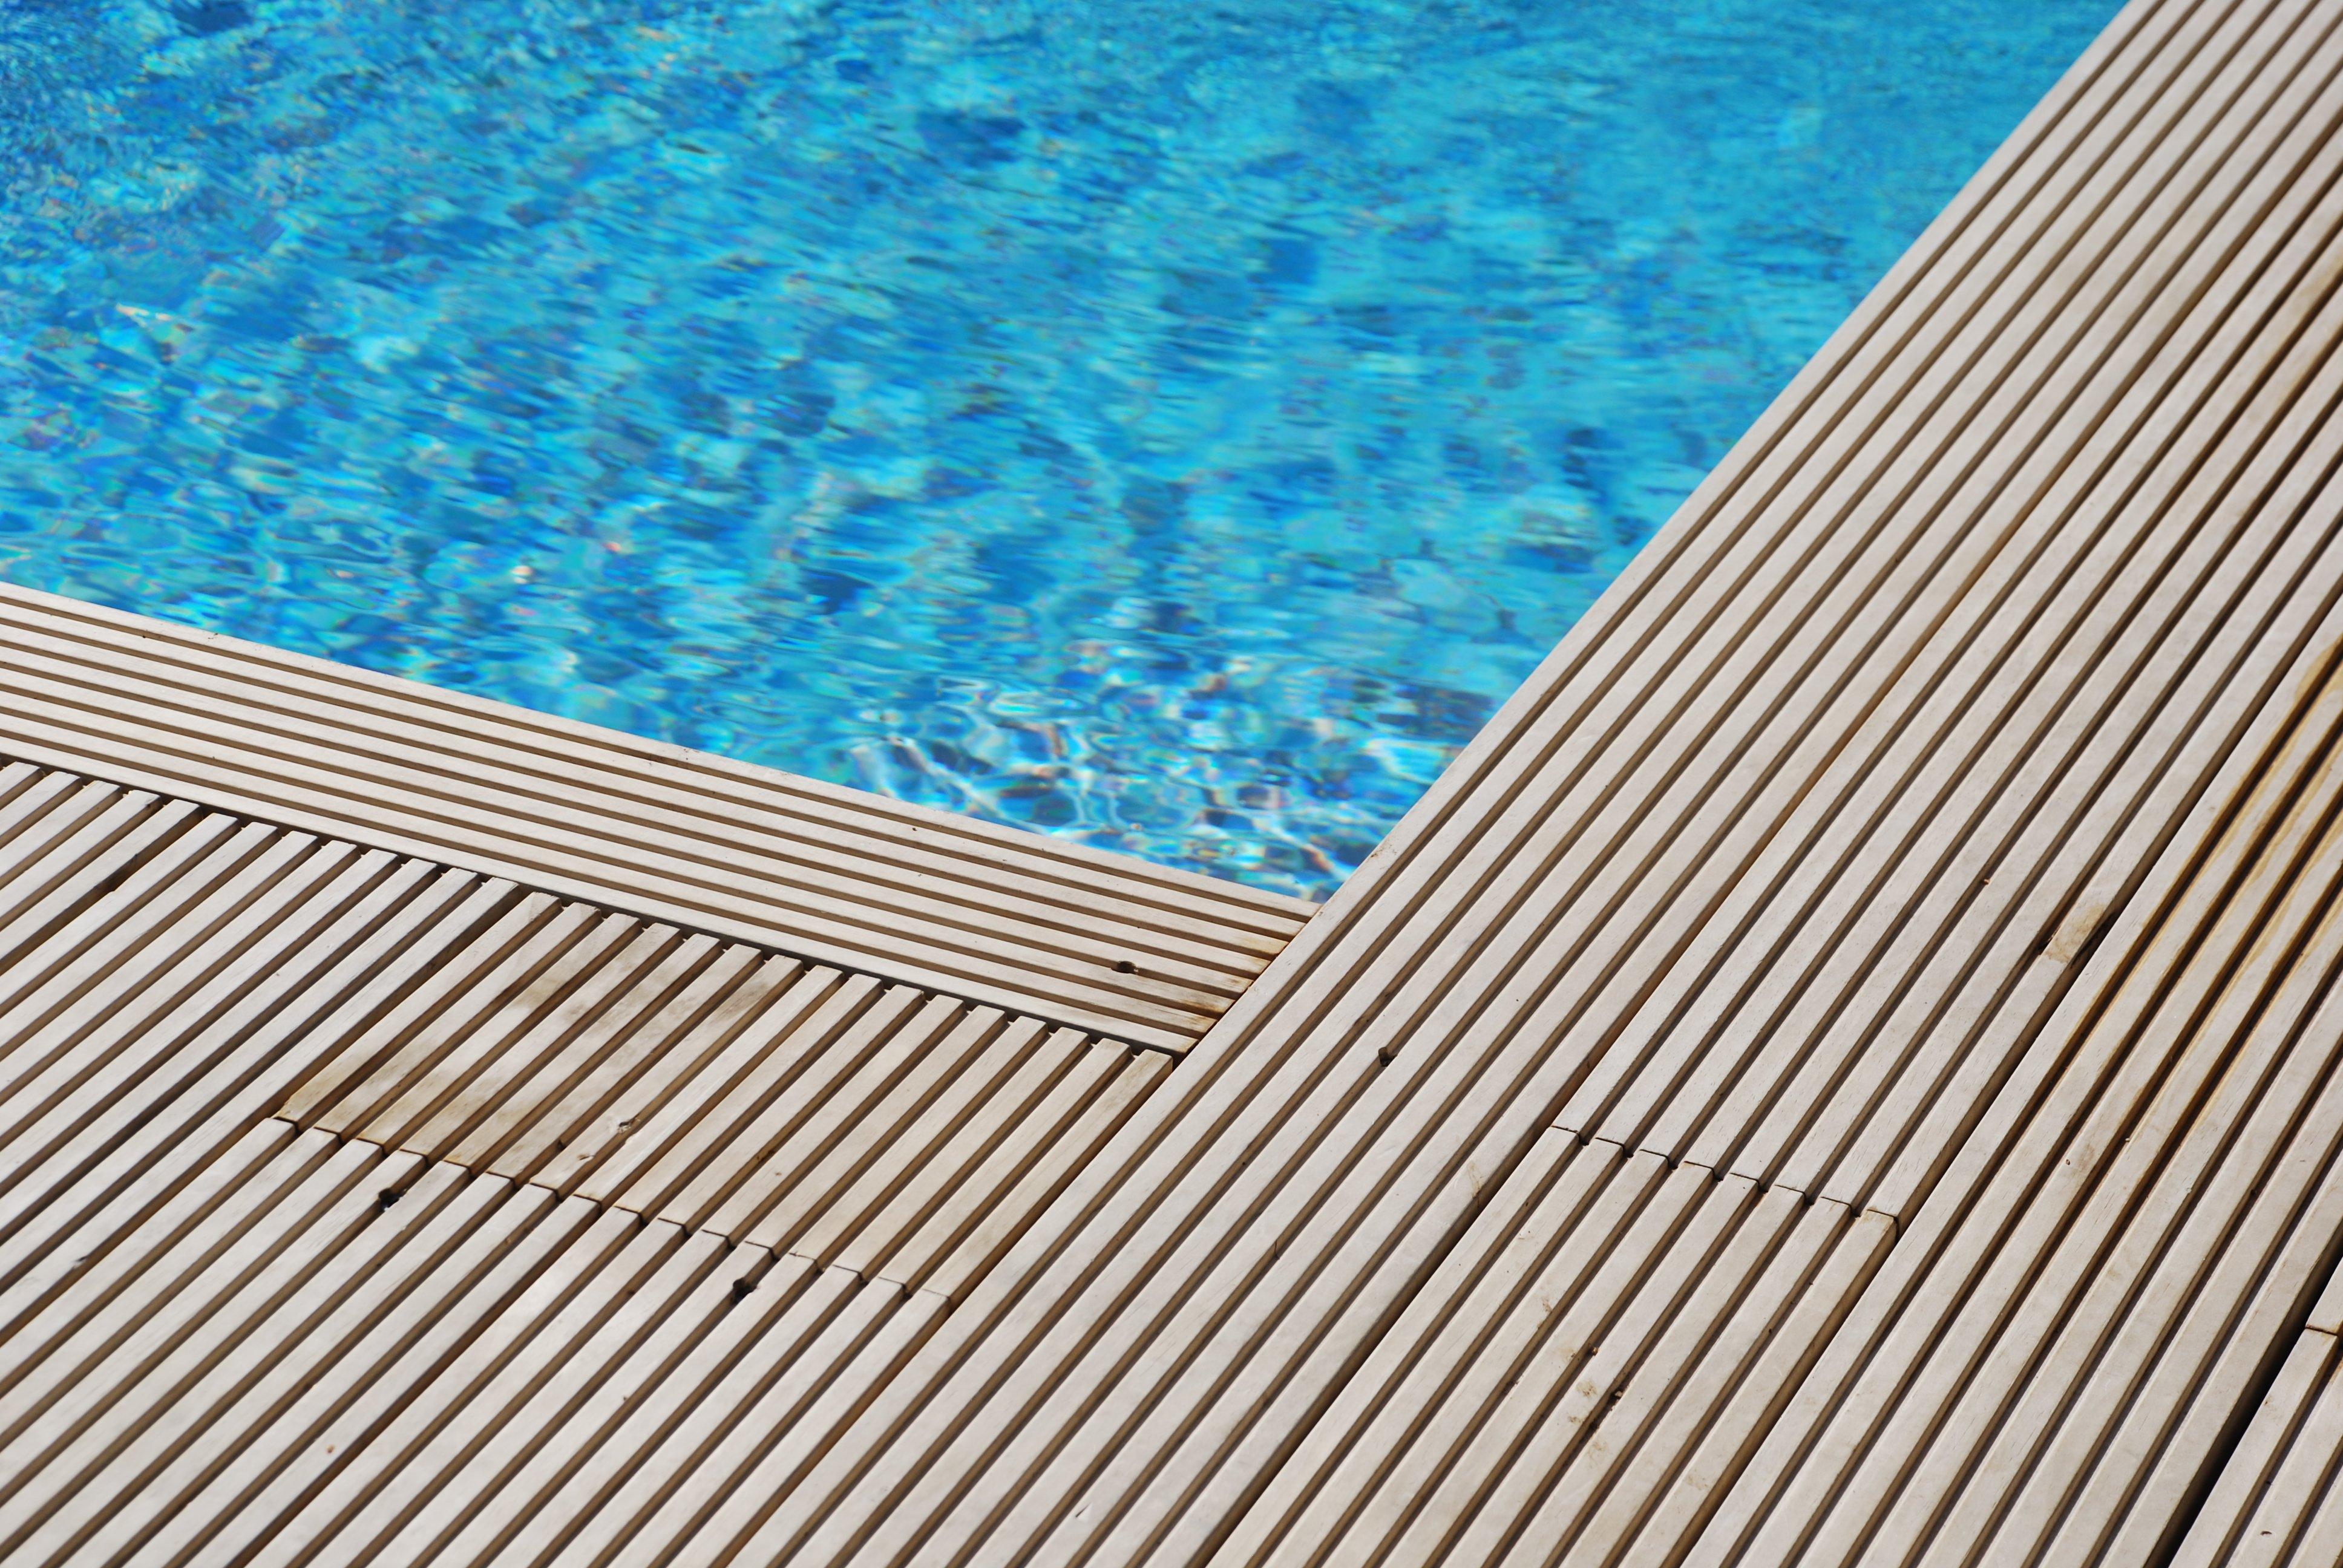 Accoya pool